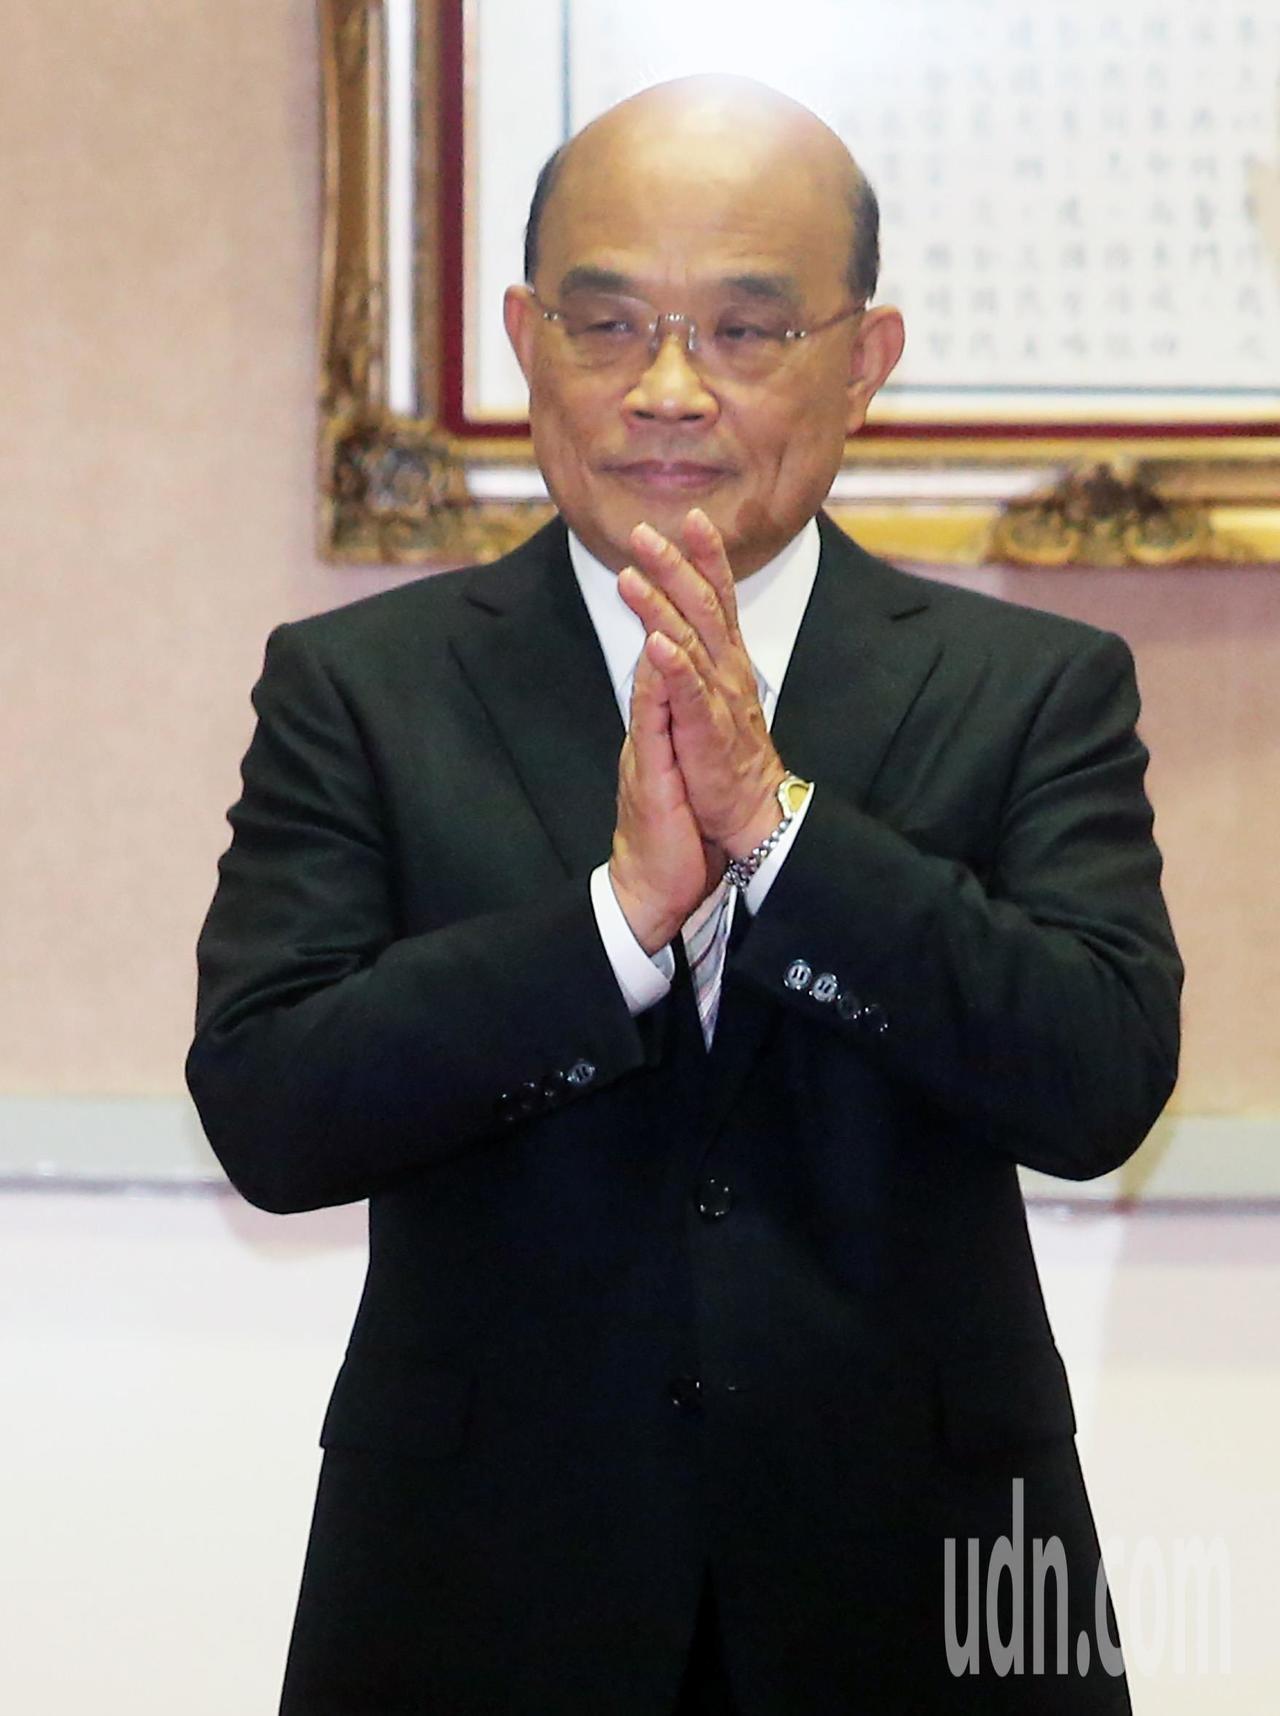 相隔12年之後,蘇貞昌將以行政院長身分重回立法院備詢。聯合報資料照